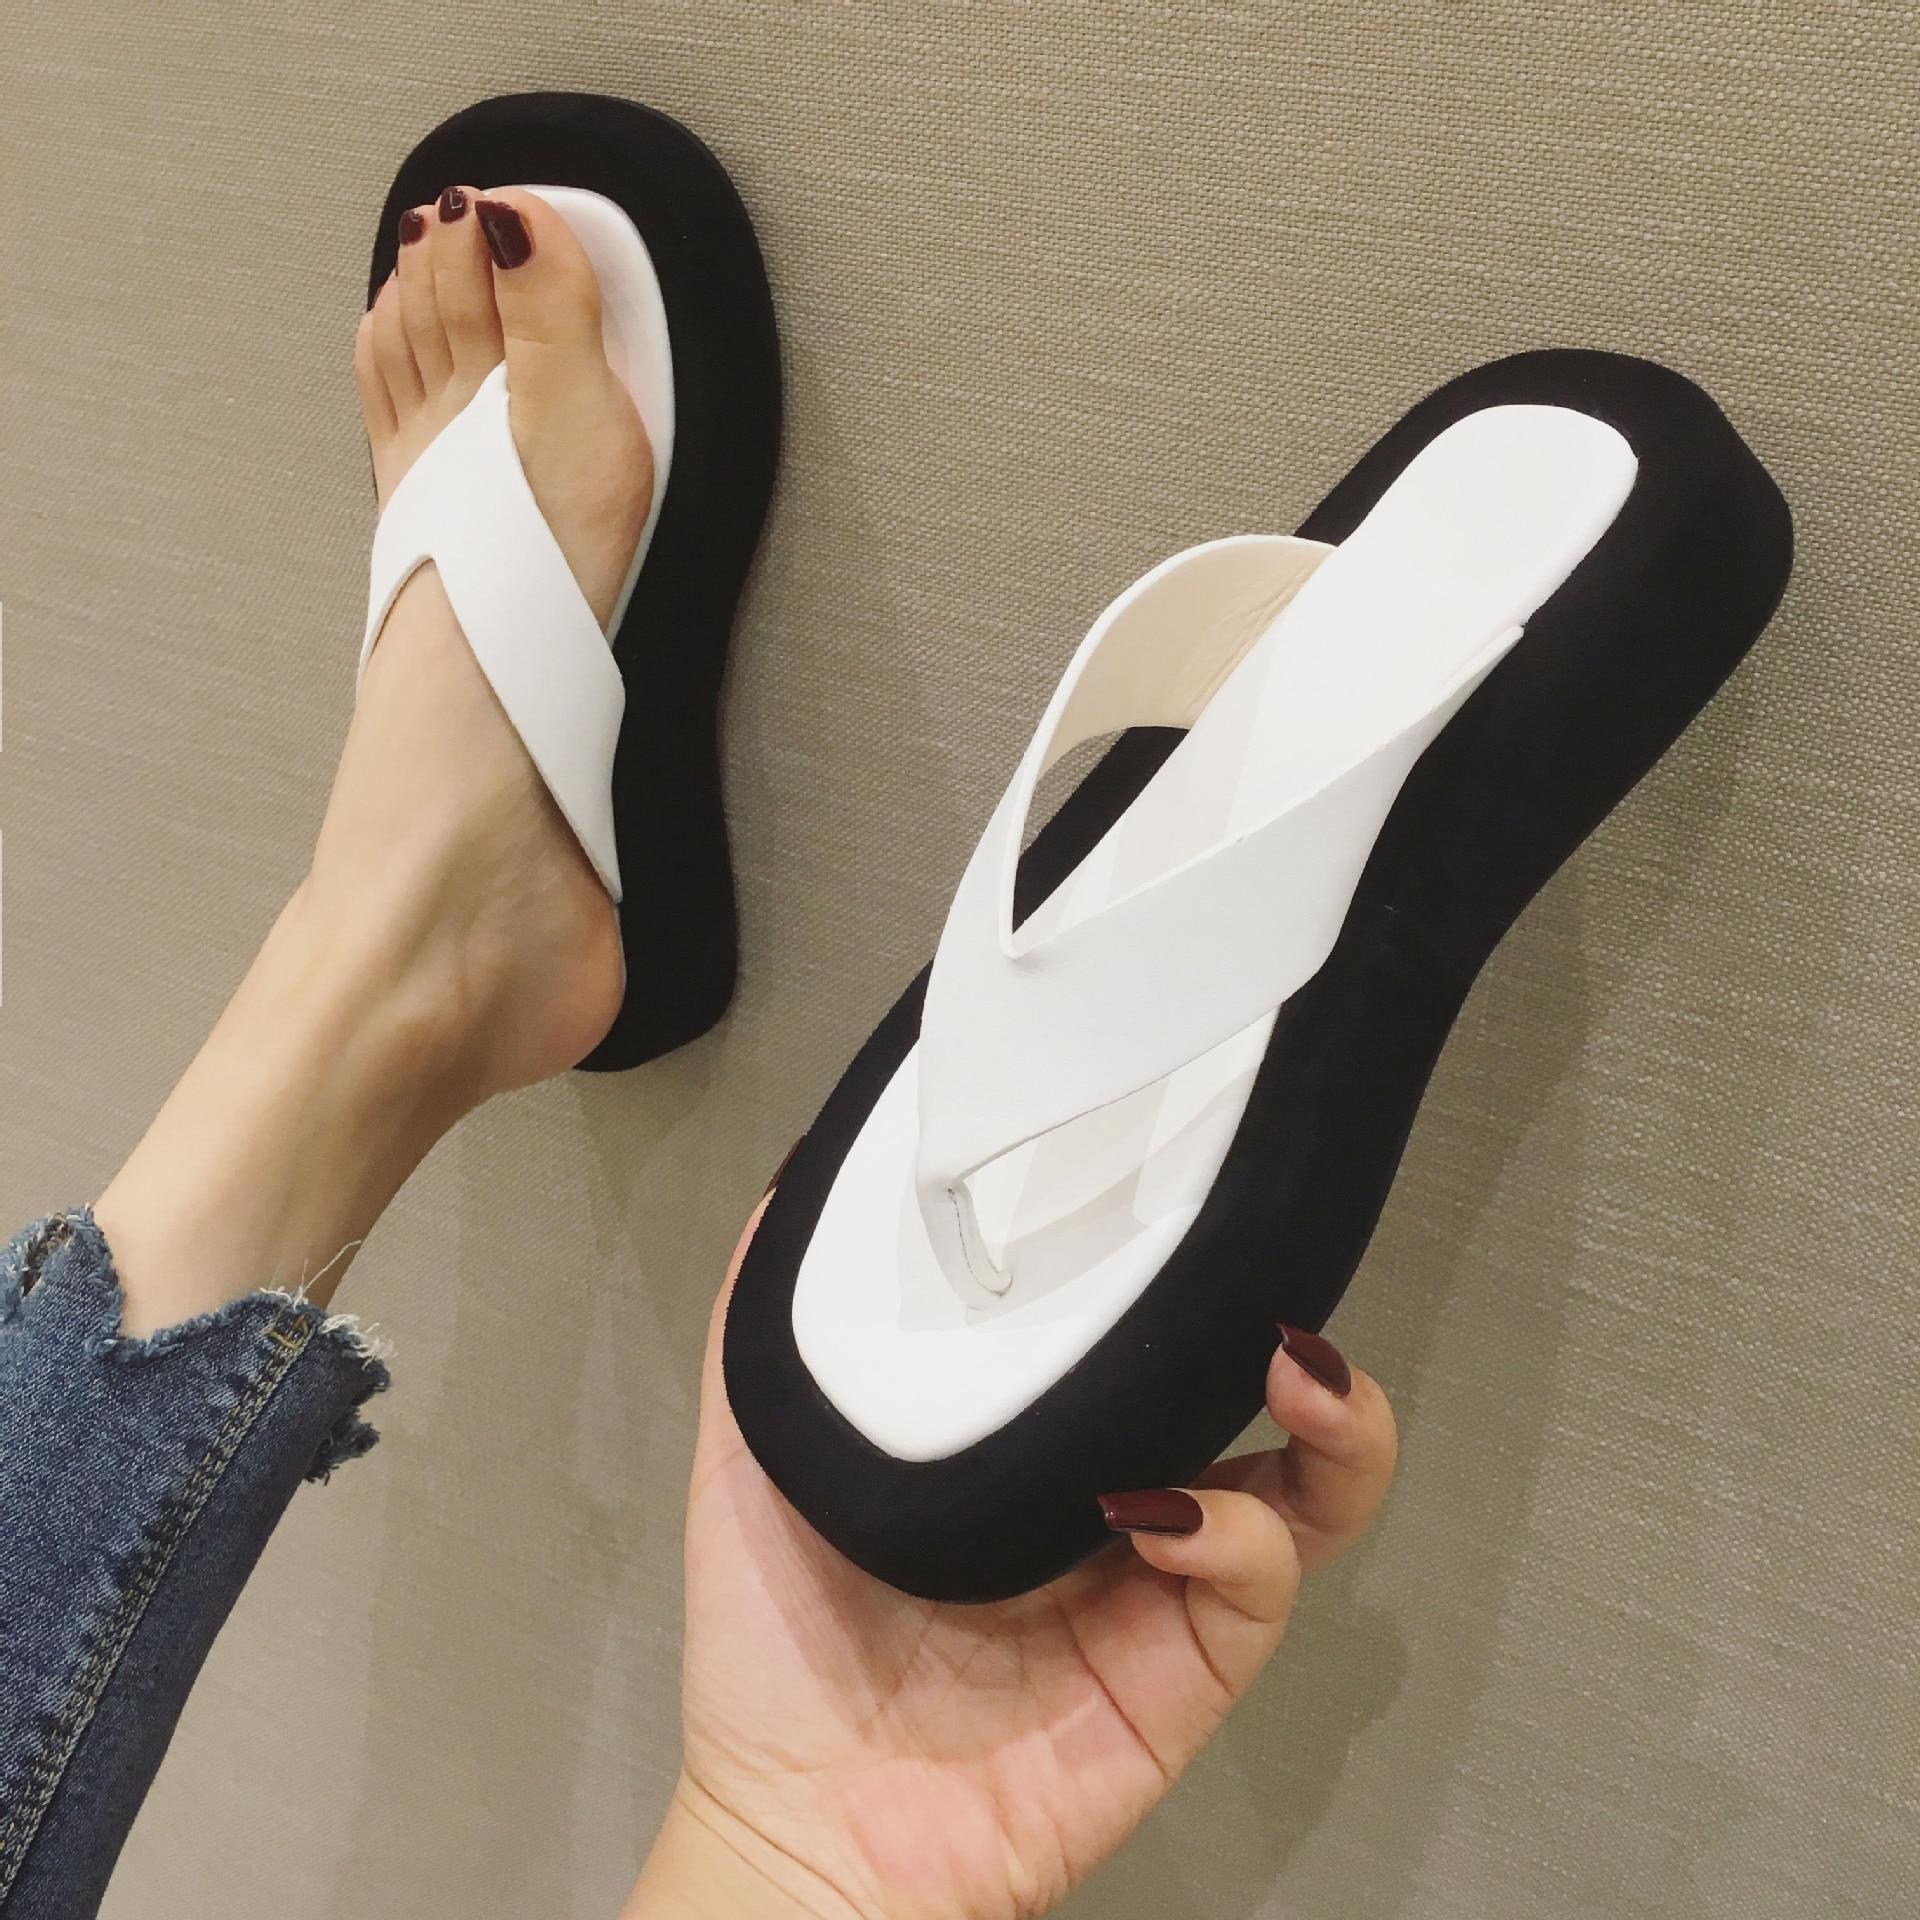 Meotina-صندل فليب فلوب بمقدمة مربعة للنساء ، حذاء صيفي بنعل ويدج ، تصميم Sandasl ، أبيض ، 2021